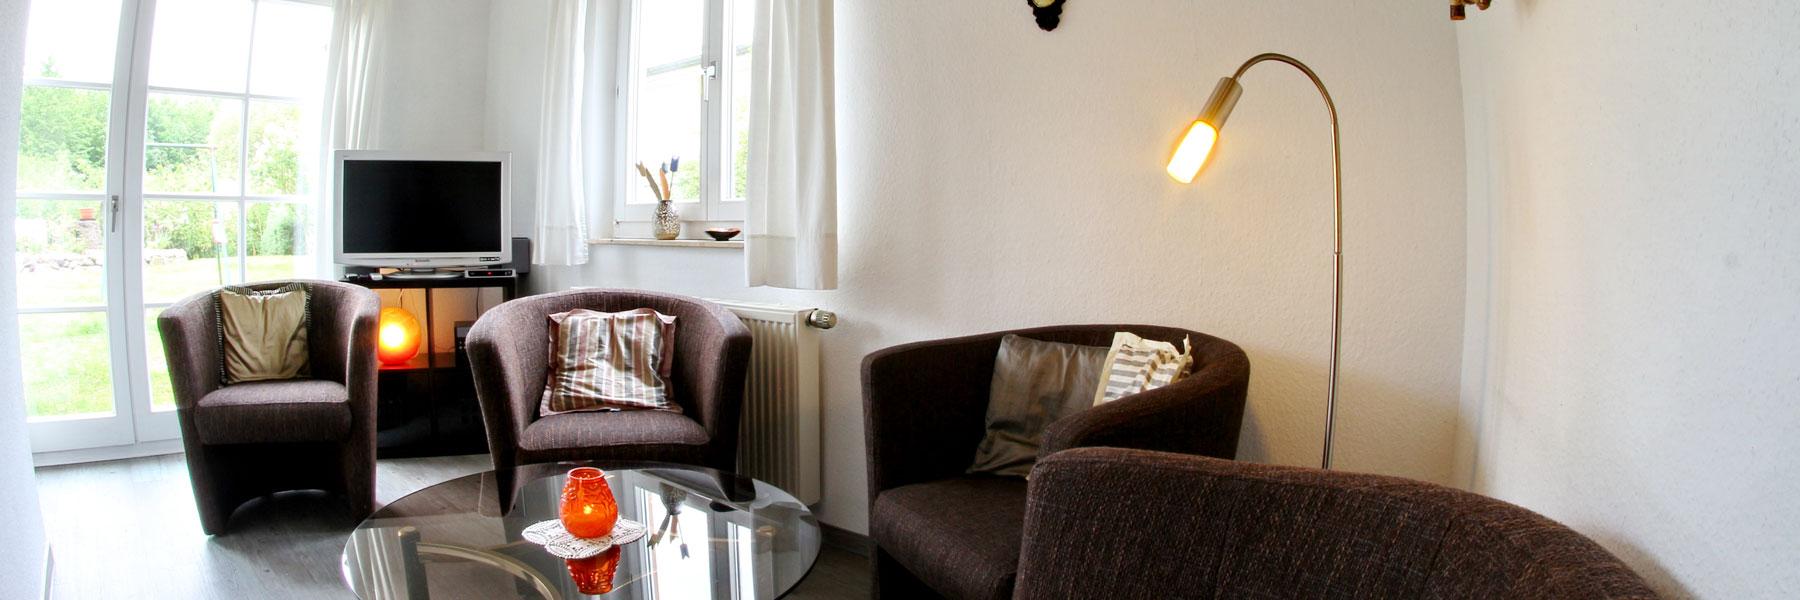 Wohnzimmer - Ferienwohnung Maria